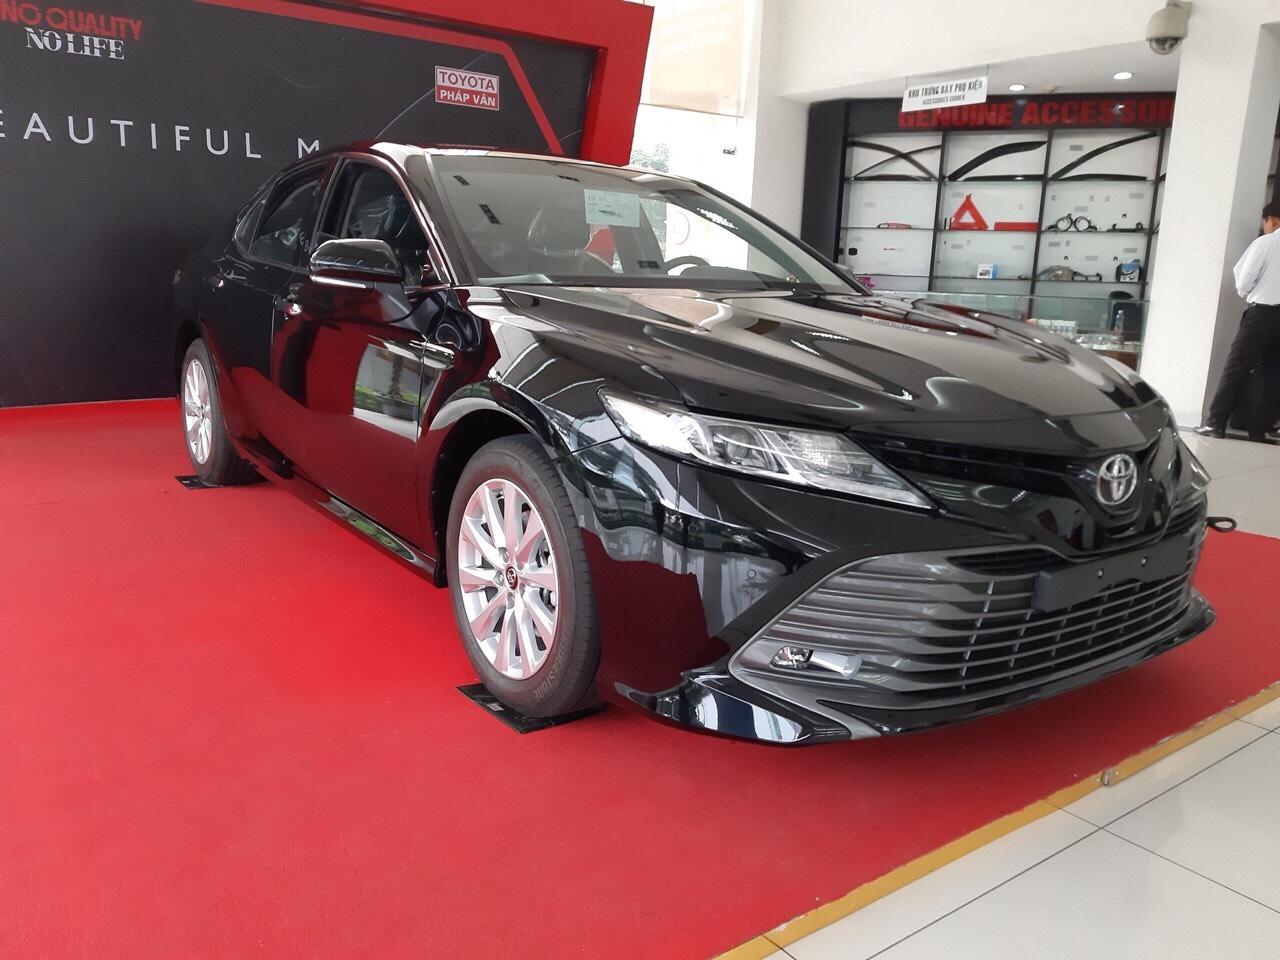 Toyota Camry 2.0G ảnh 9 - Camry 2.0G [hienthinam]: giá xe và khuyến mãi tháng [hienthithang]